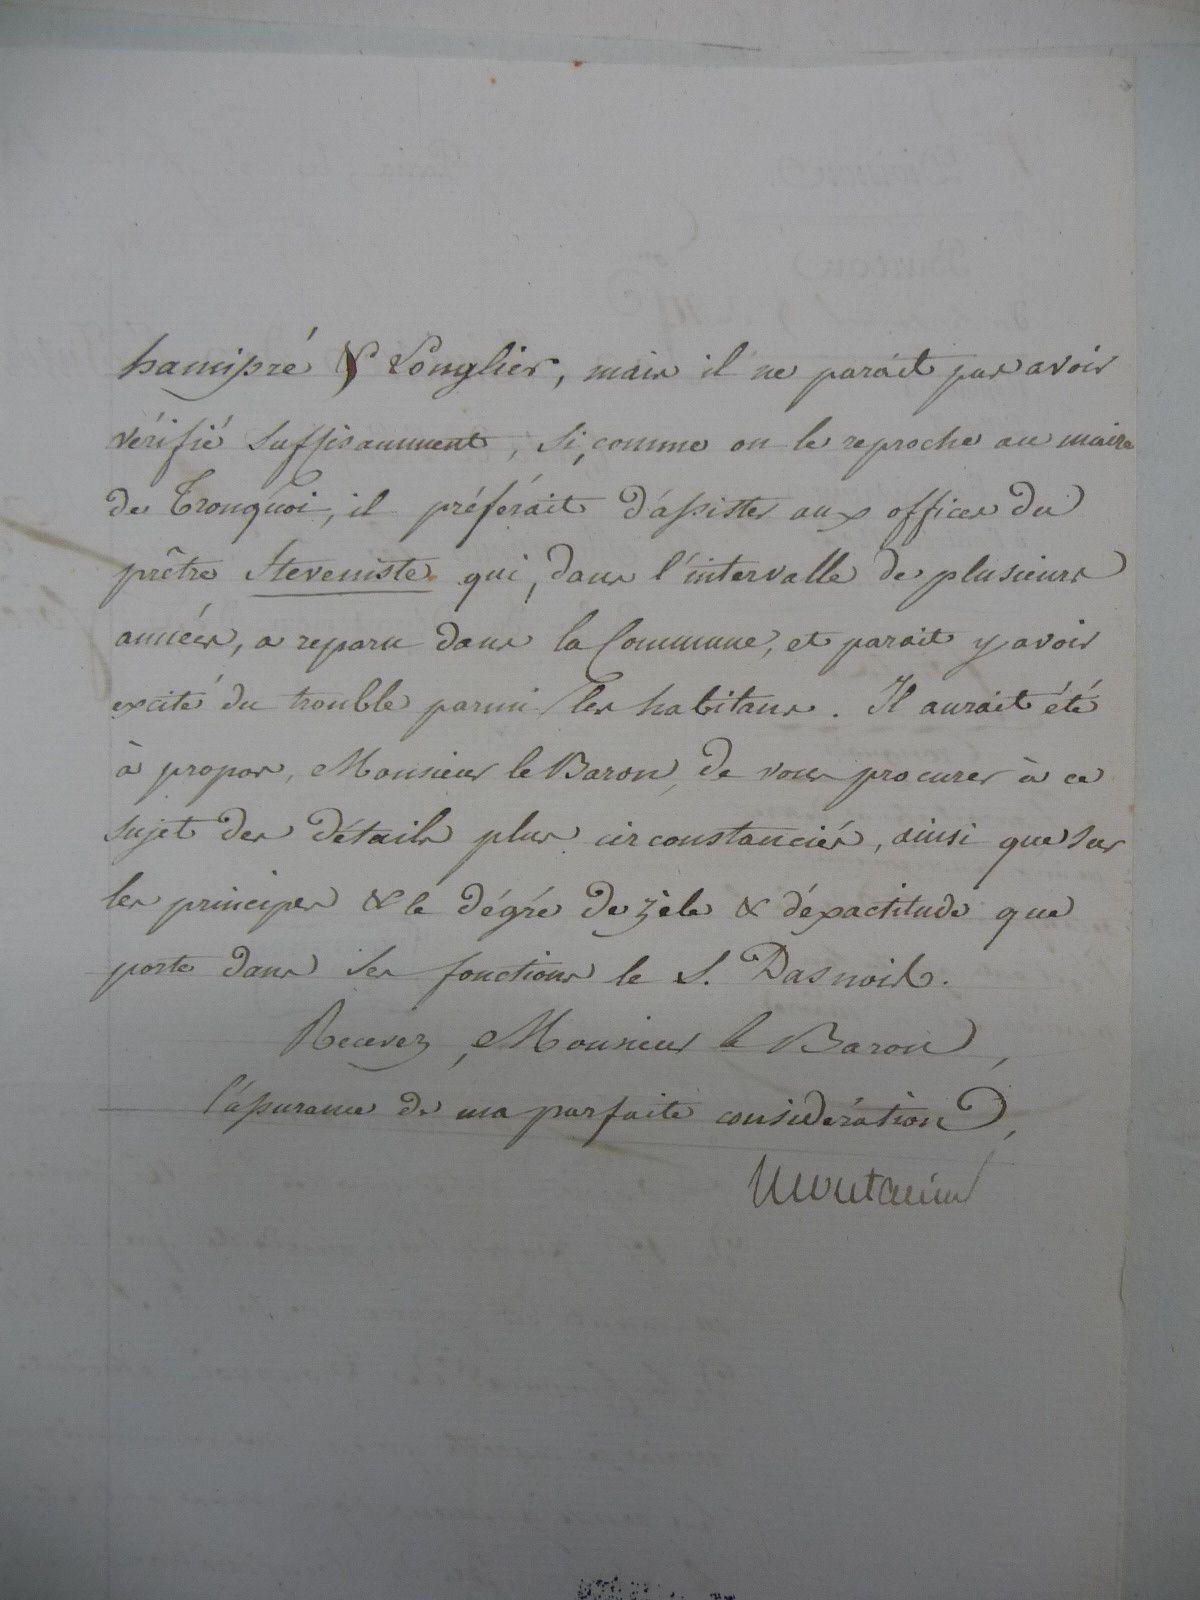 1810; Affaire du Sieur Dasnoy, maire de Tronquoy